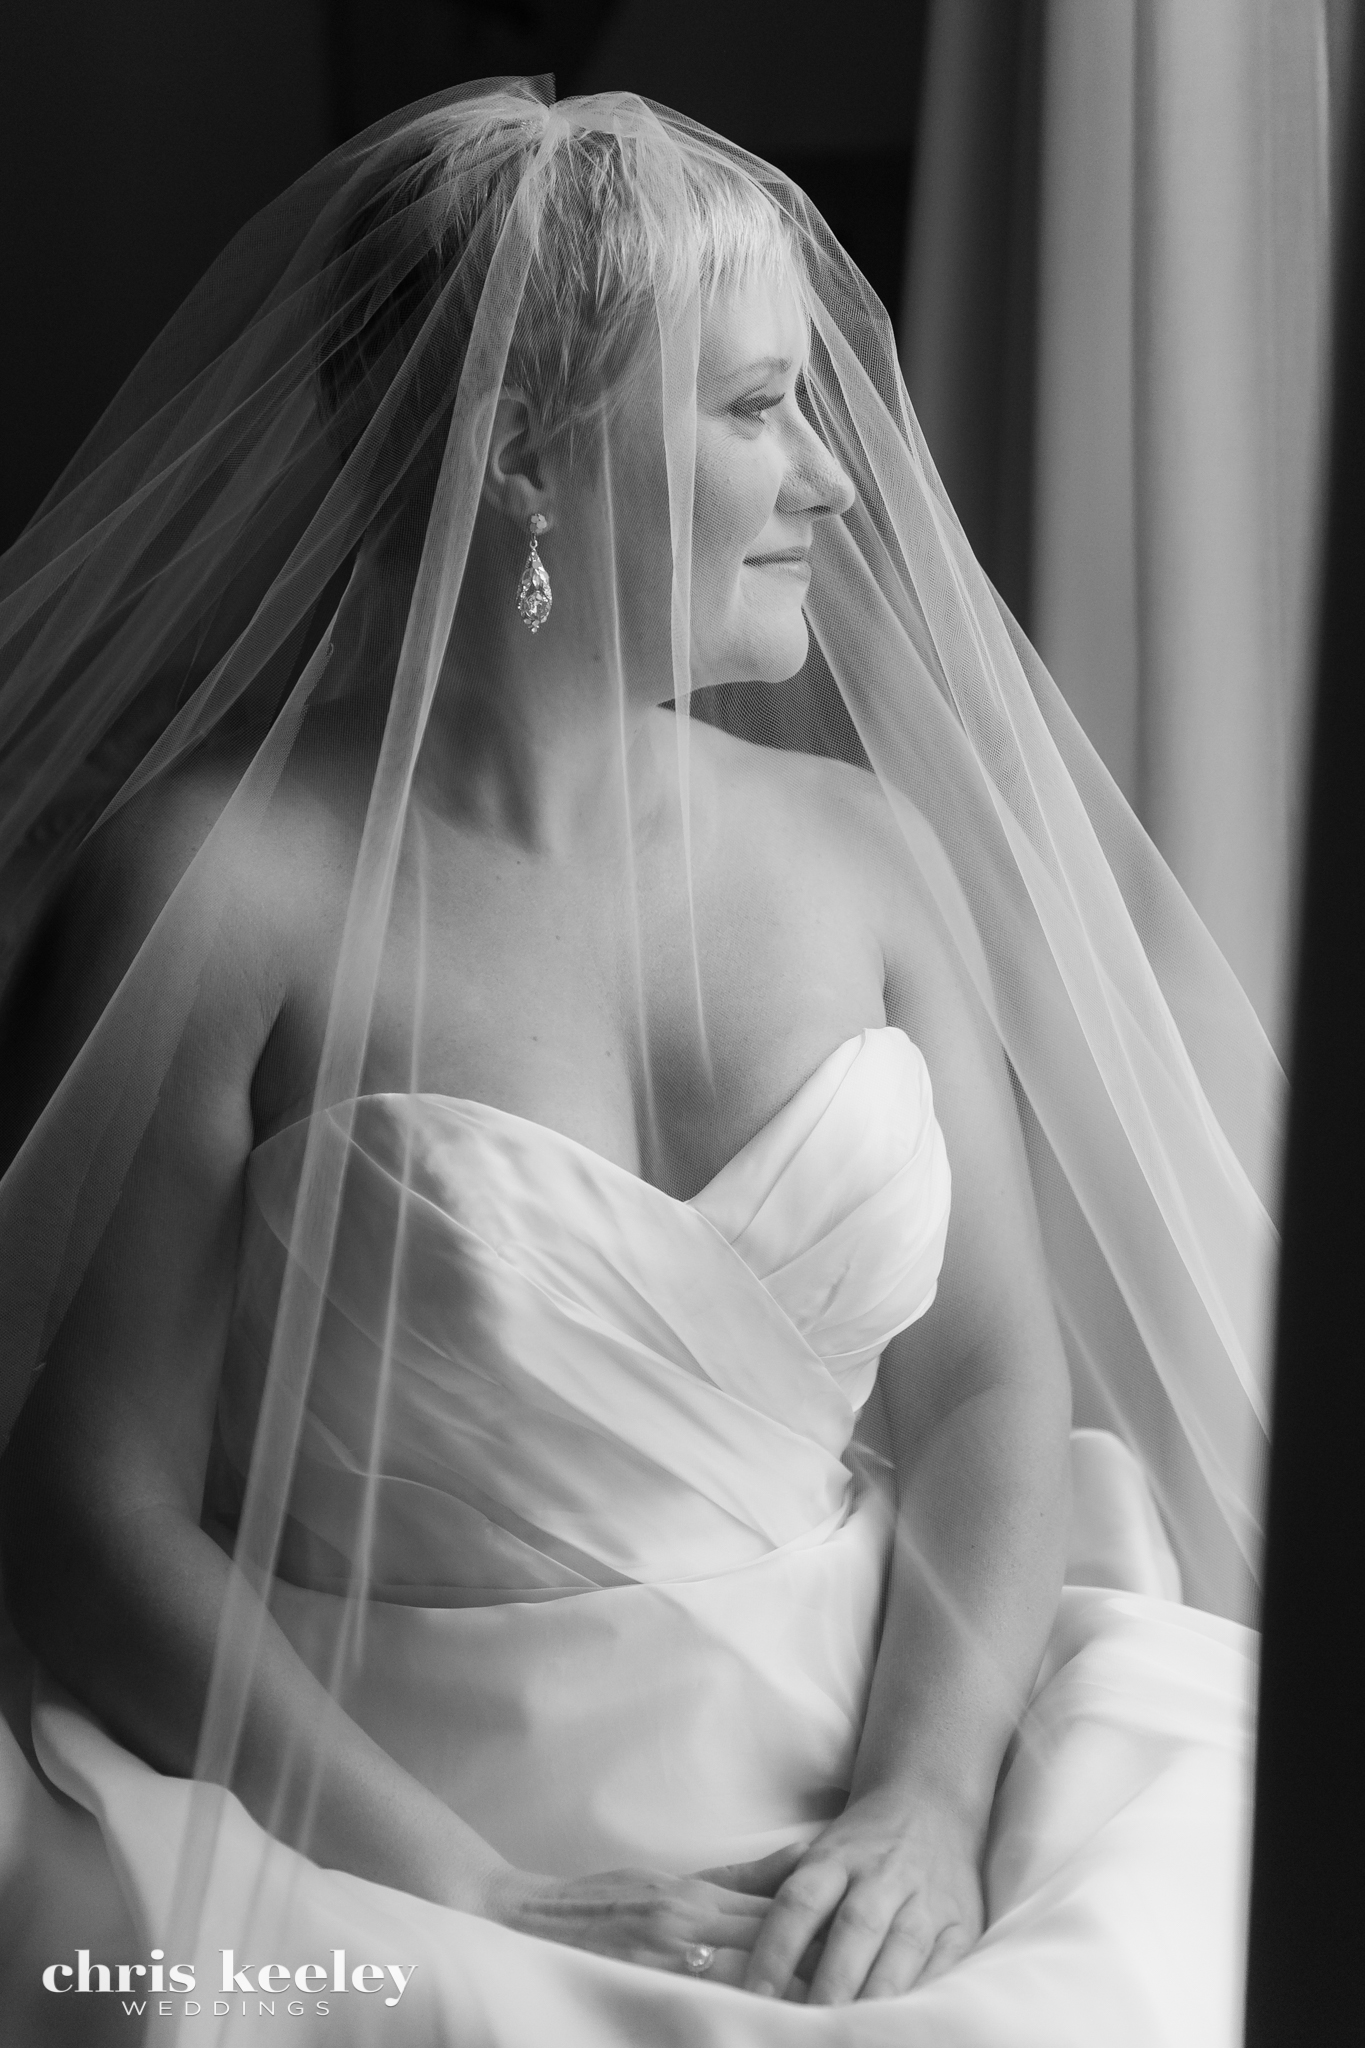 1130-Chris-Keeley-Weddings-909-Edit wmk.jpg